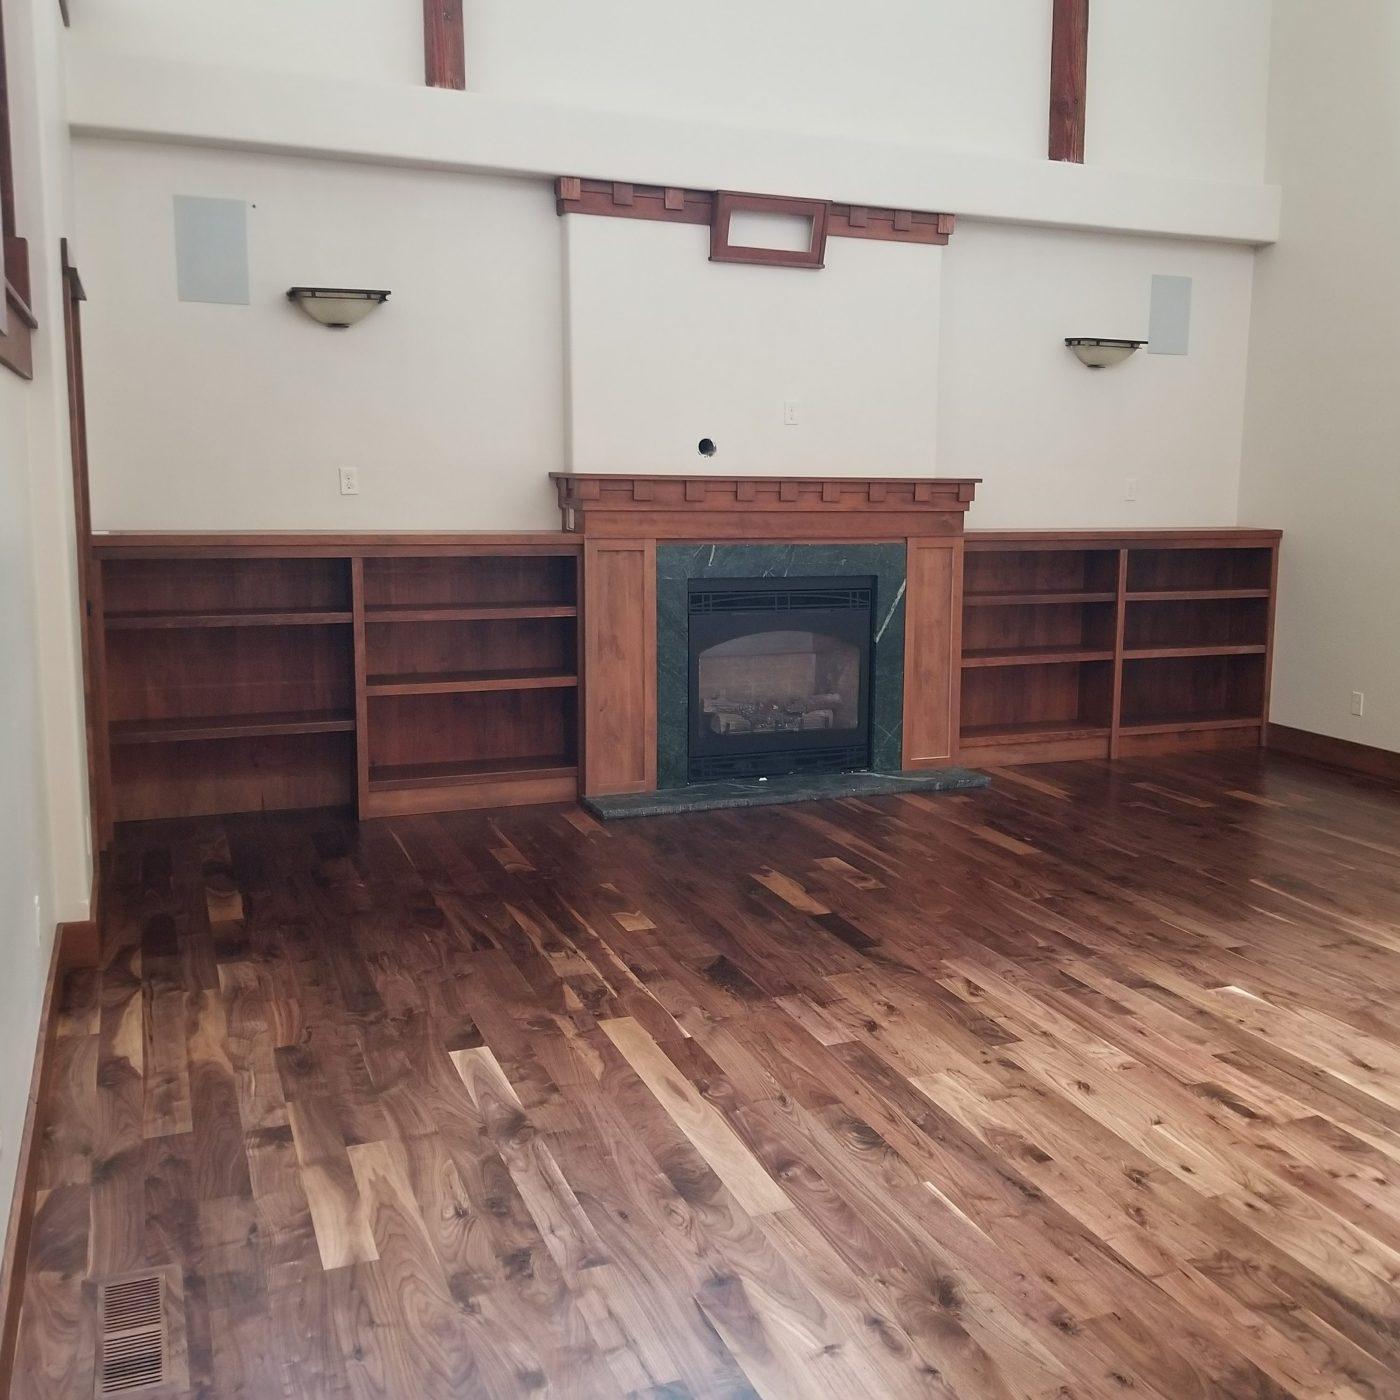 walnut wood floor in living room